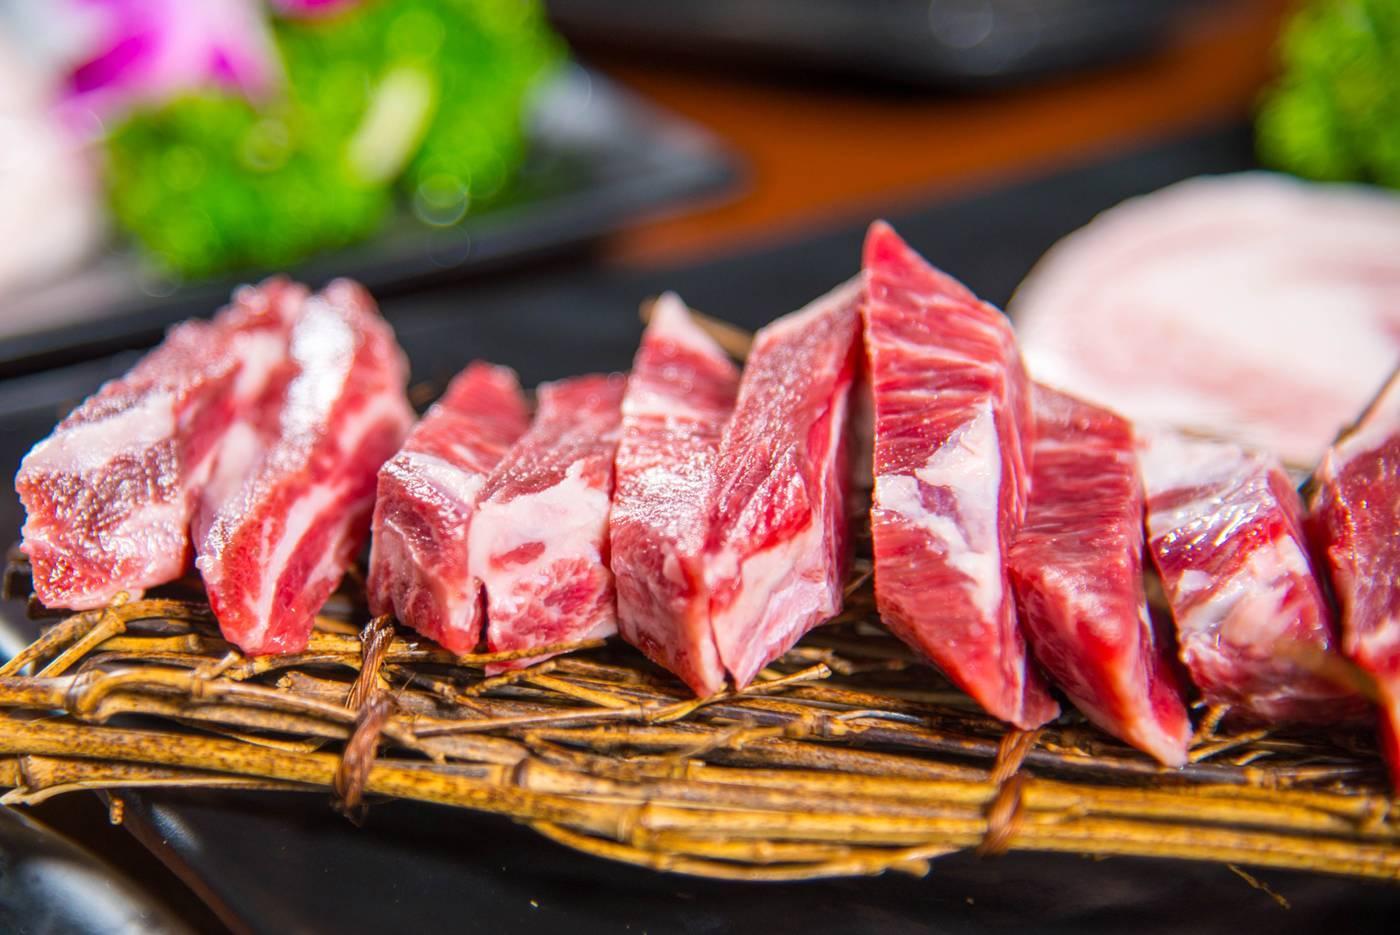 内蒙古呼伦贝尔莫旗肉类分割有限责任公司_内蒙古肉类